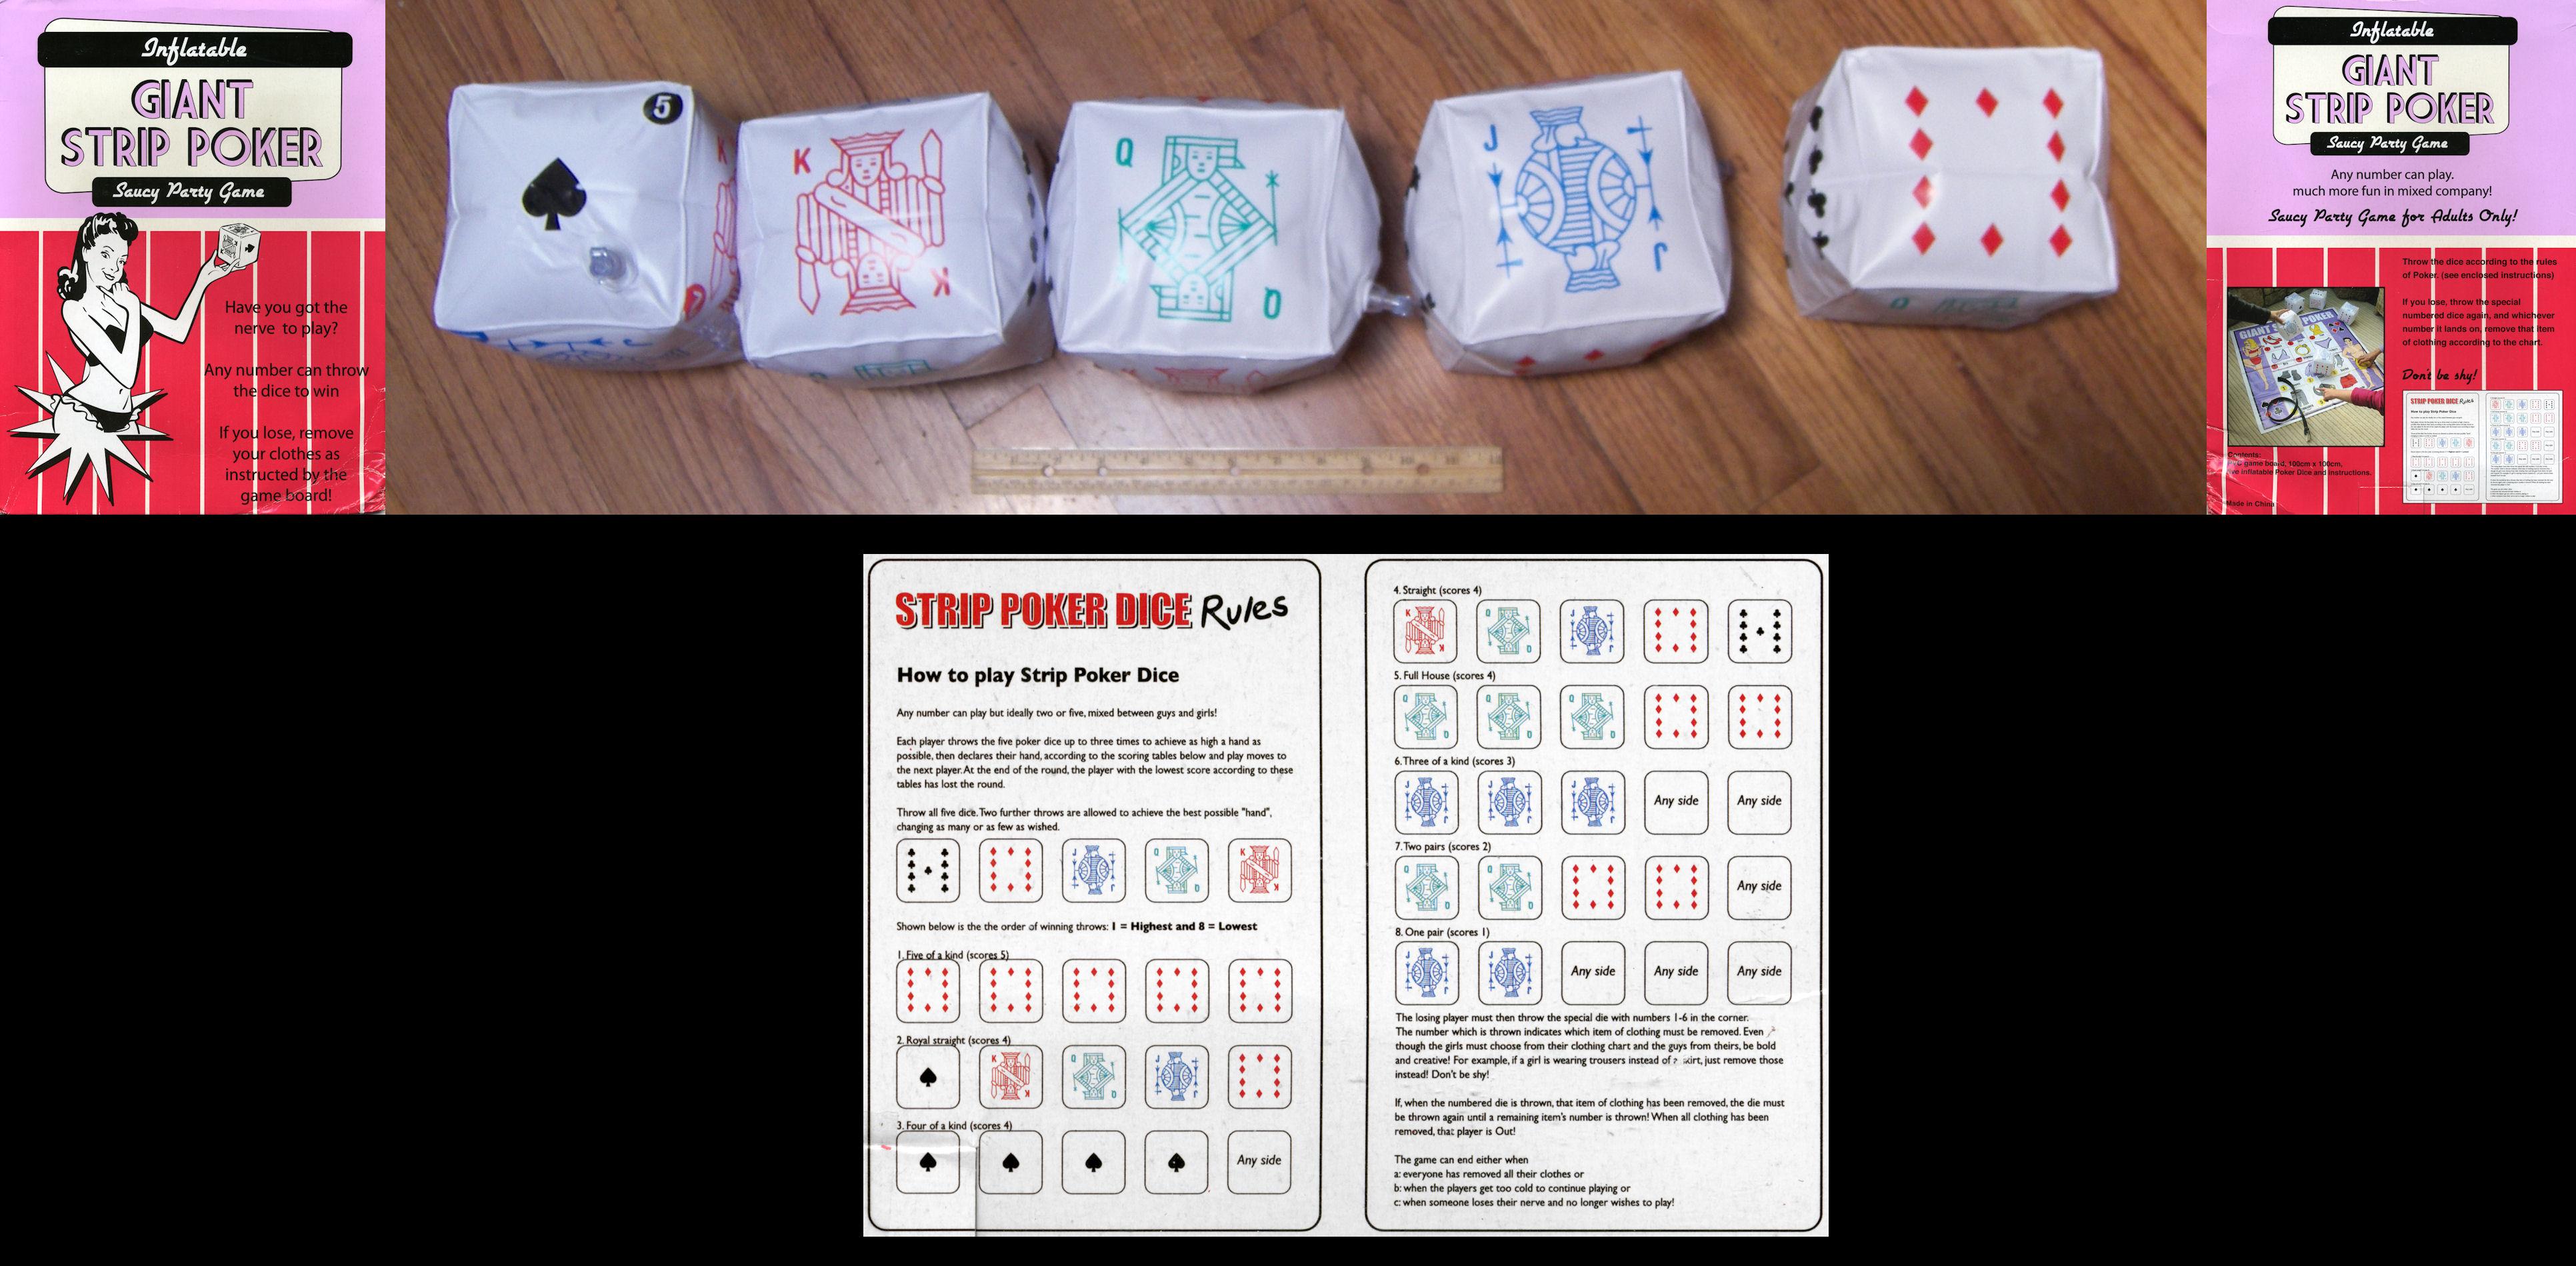 strip poker videos